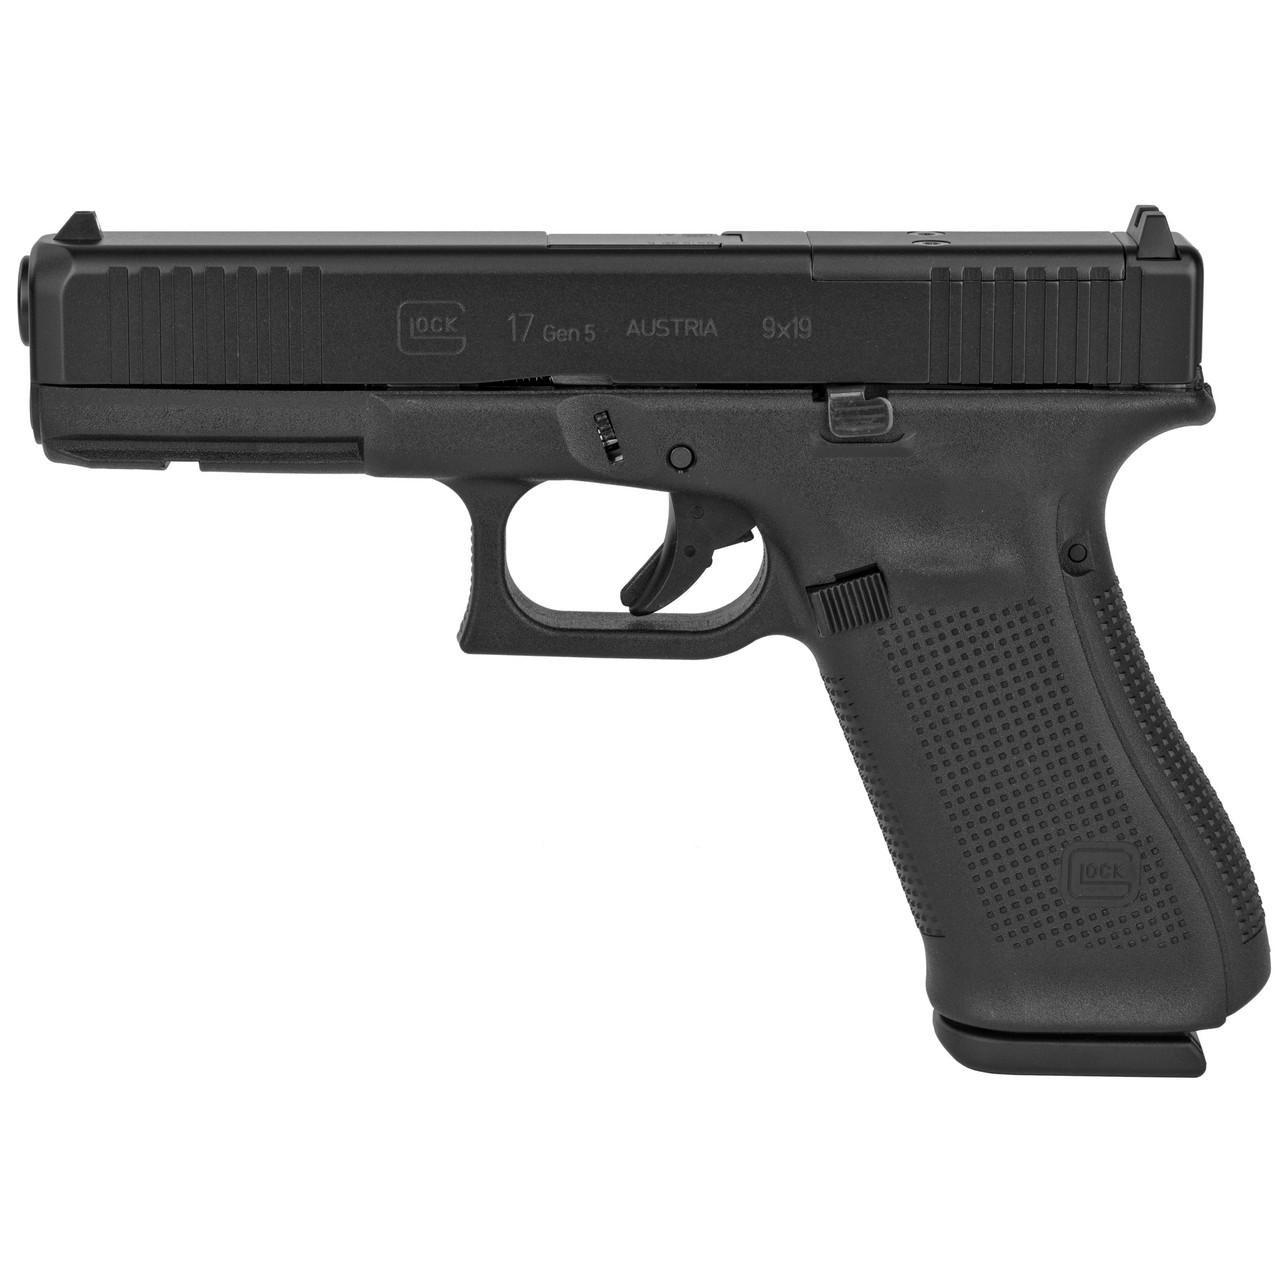 Glock G17 Gen5 FS x3 17RD M.O.S.